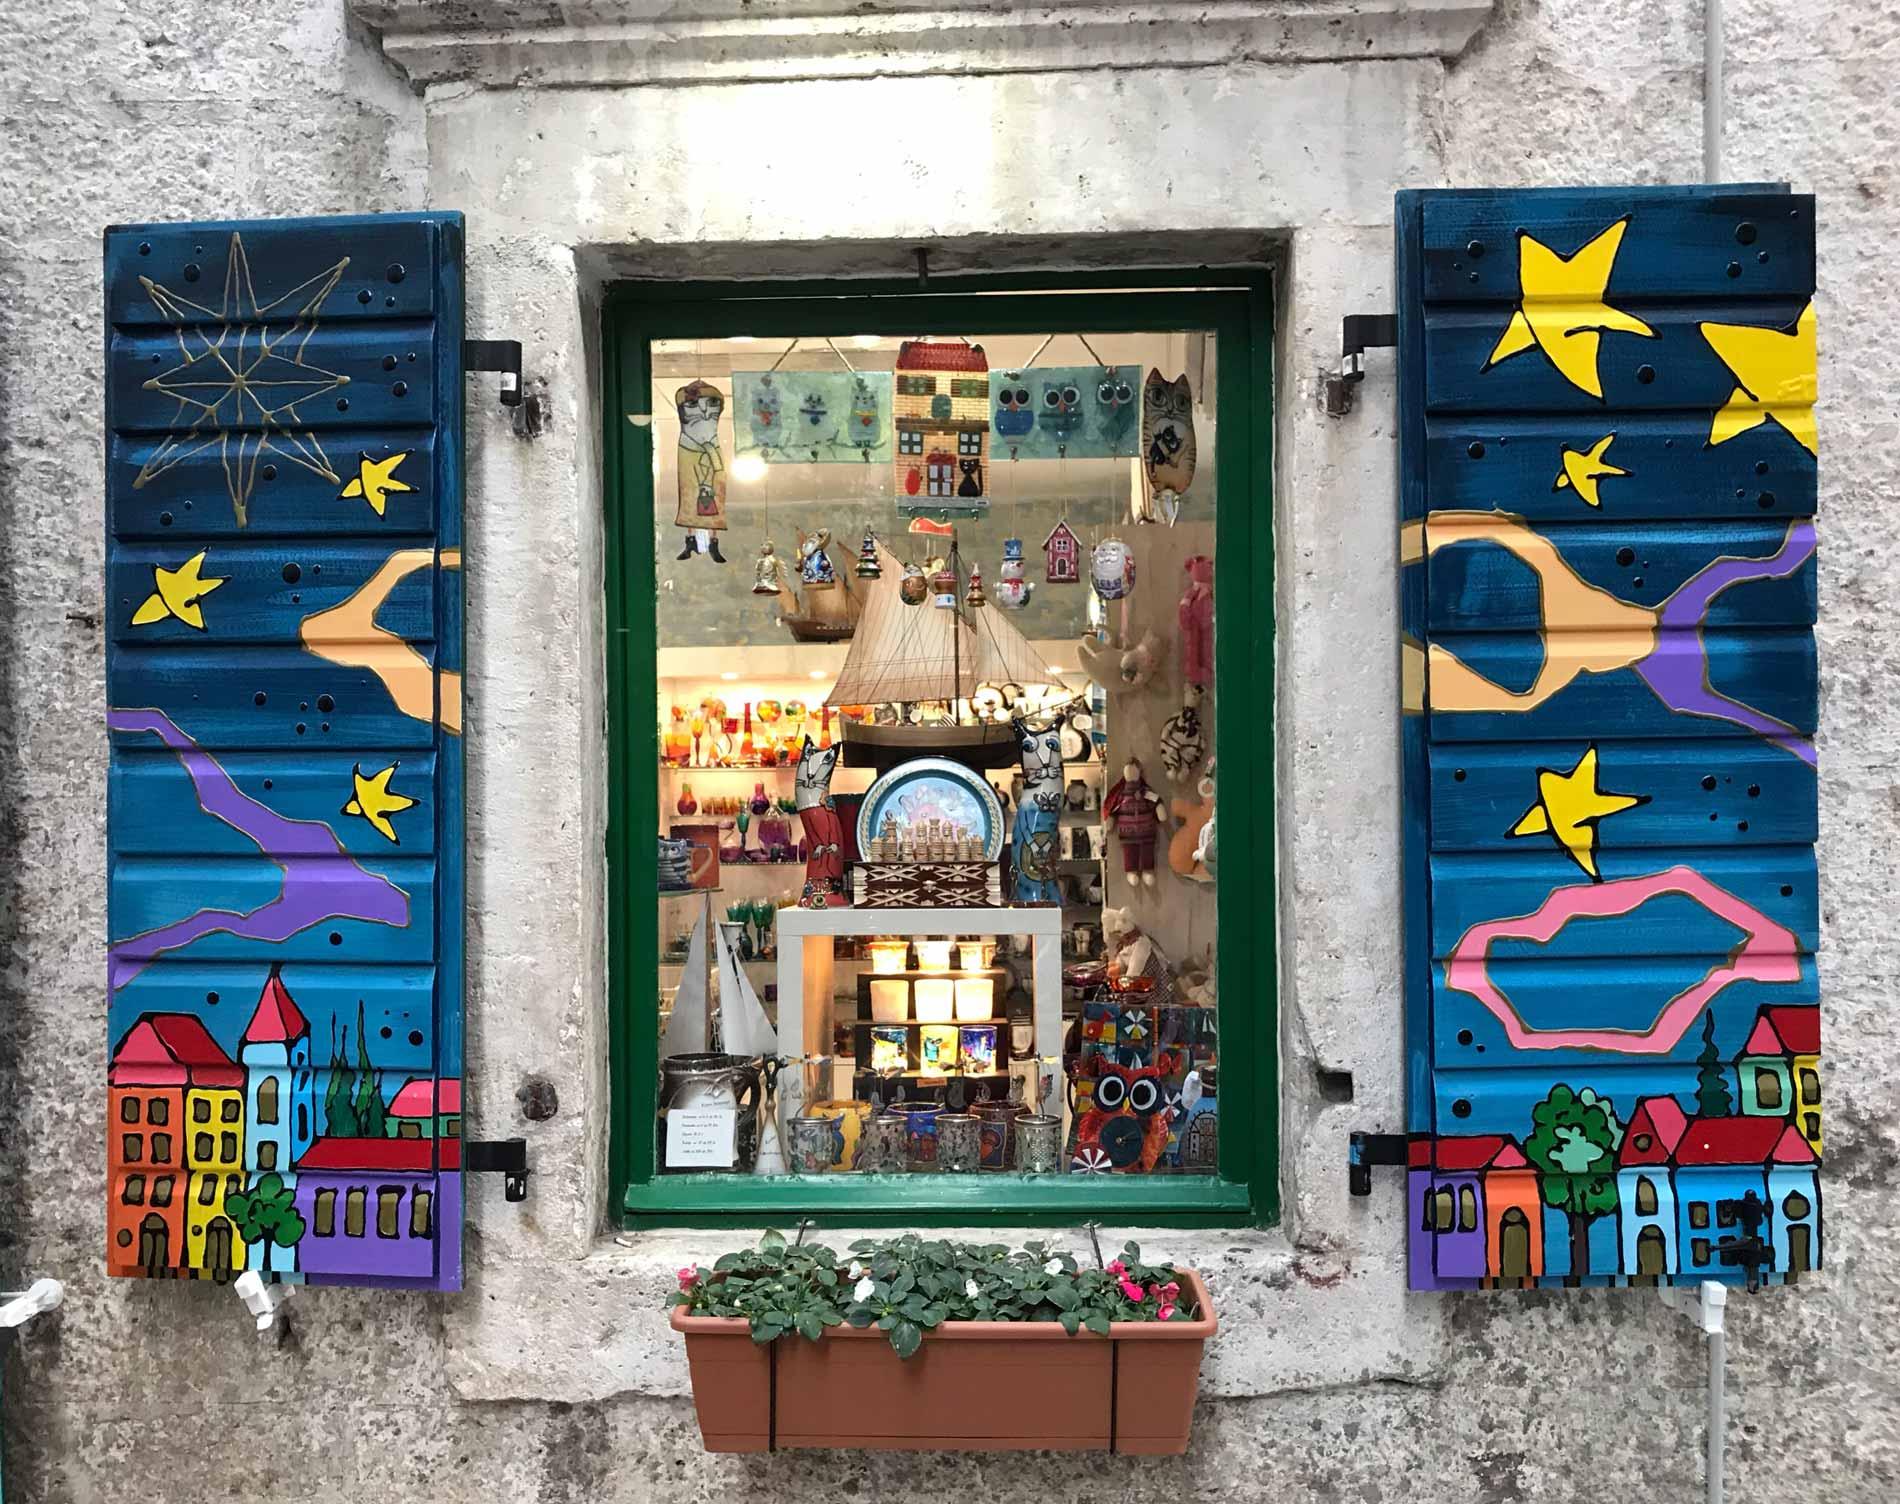 Kotor-Montenegro-Ulica1-imposte-coloratissime-negozio-di-souvenir